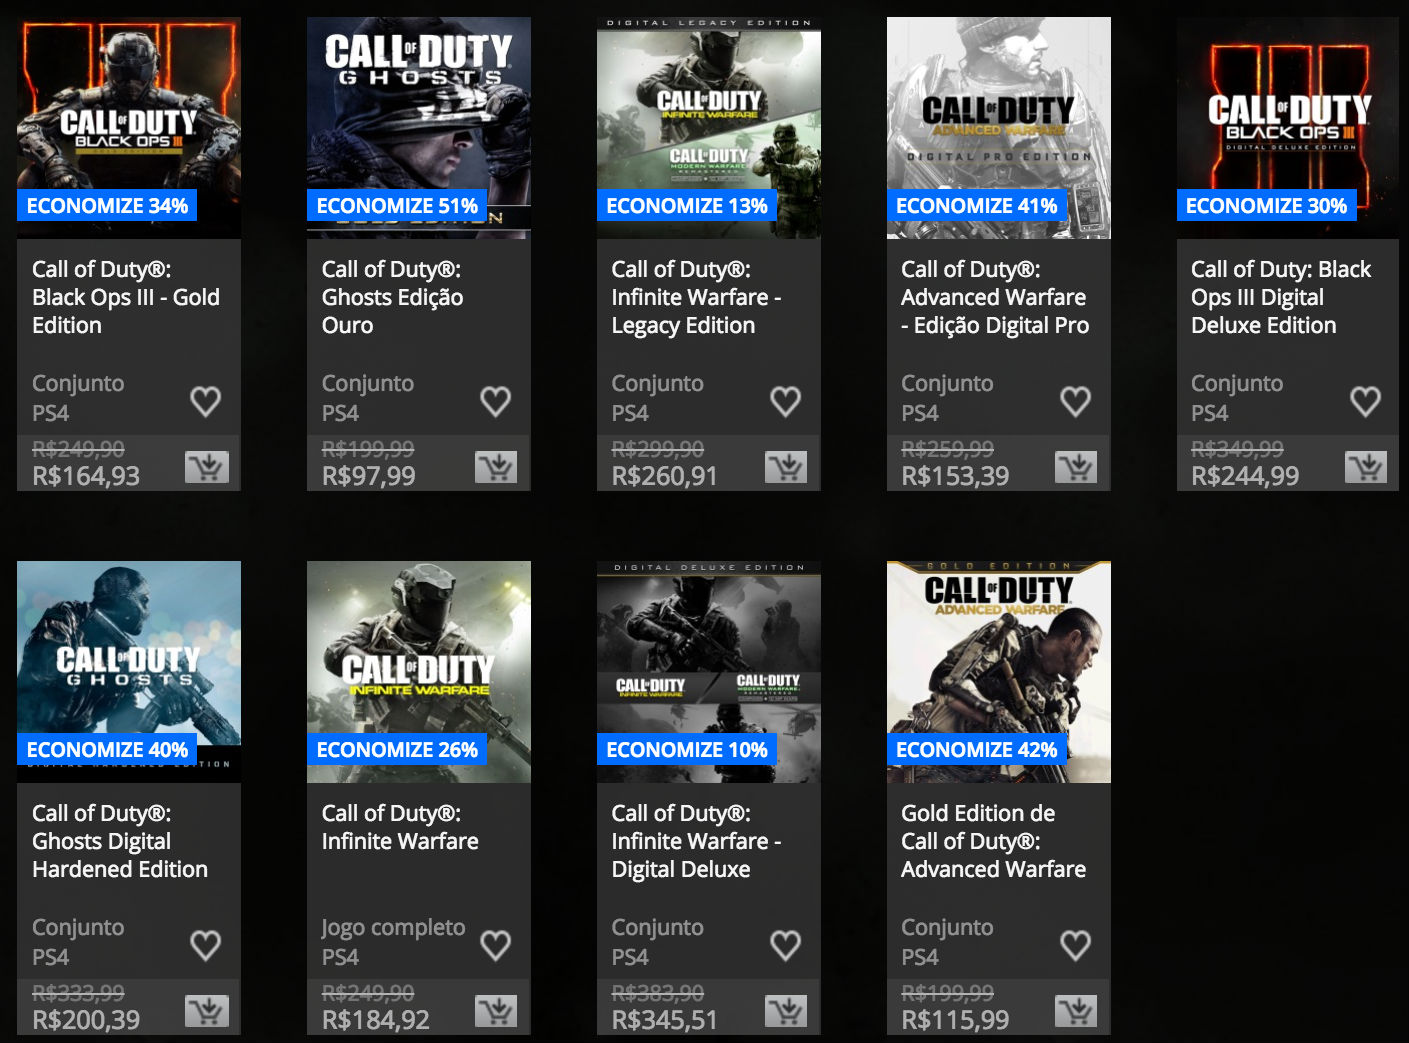 """Jogos da série """"Call of Duty"""" estão em promoção na PSN 1"""